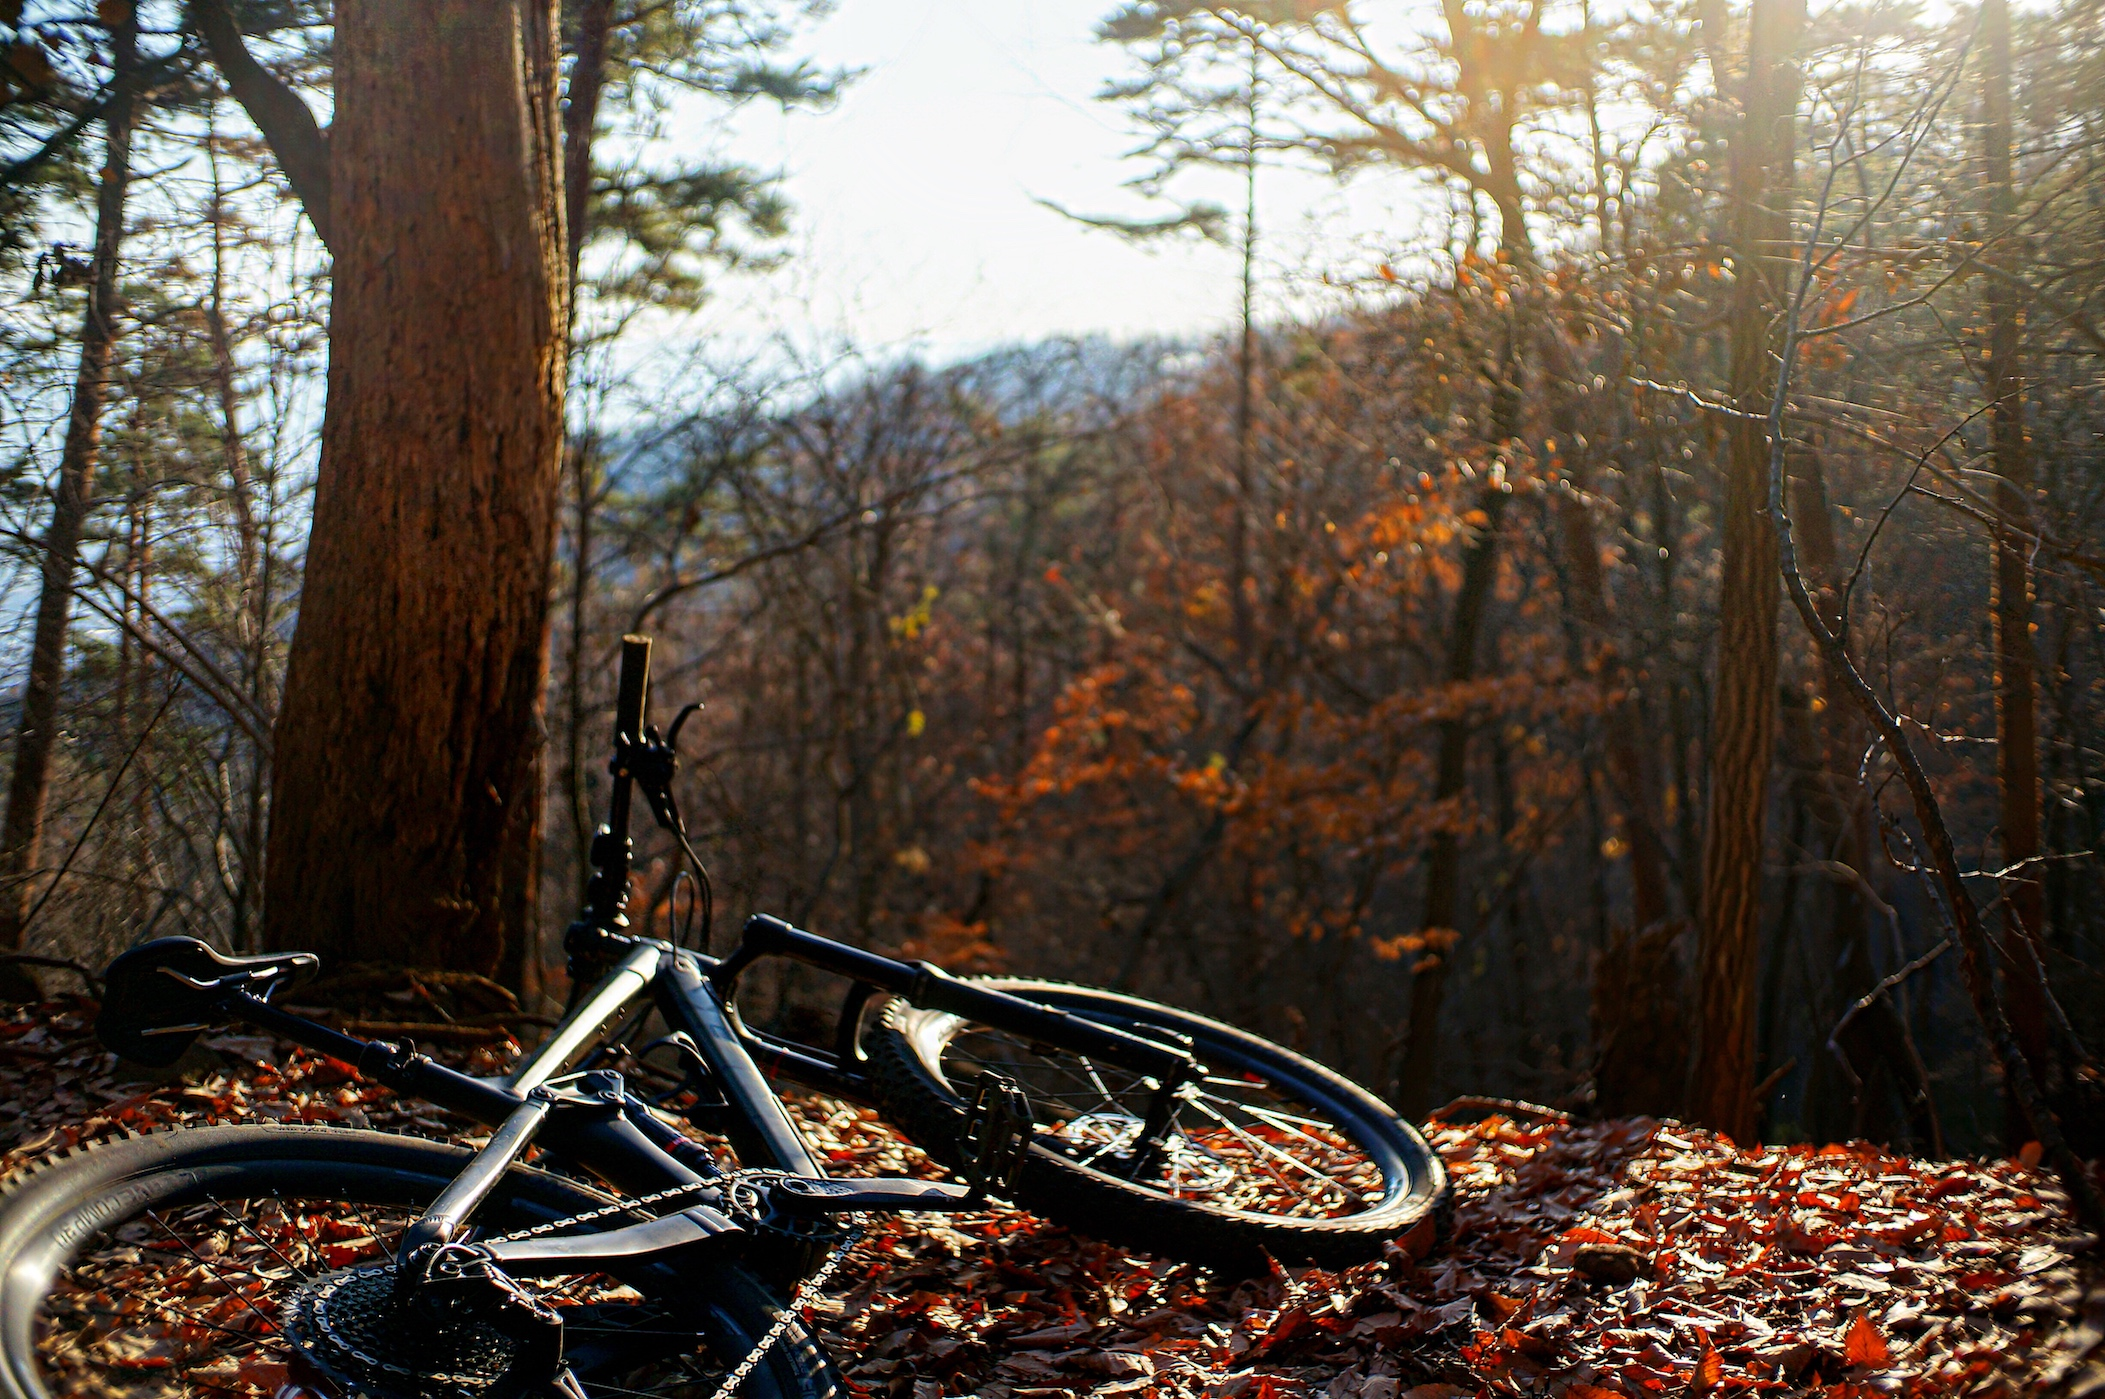 [MTB]寒いからこそ自転車に乗ろう!!冬のマストアイテムと共にマウンテンバイクで山散策ライド🚵♀️